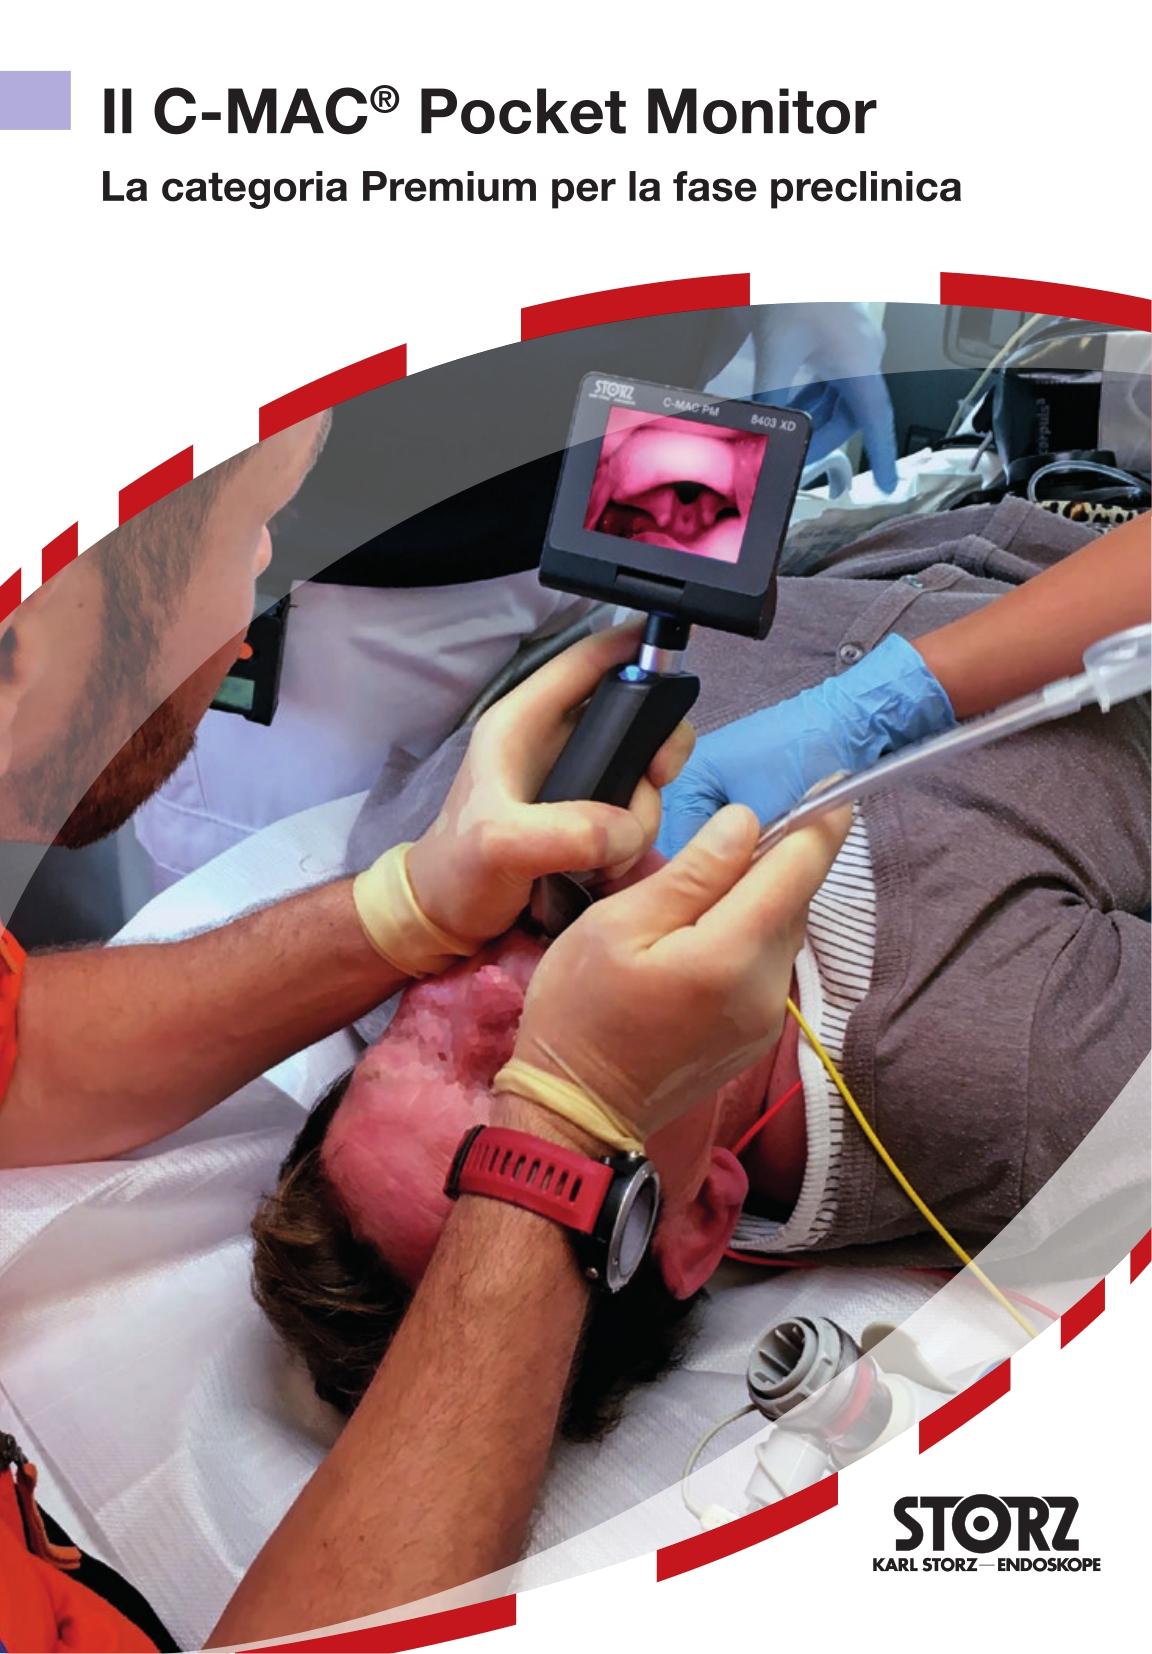 Anestesia e medicina d'emergenza - Il C-MAC® Pocket Monitor – La categoria Premium per la fase preclinica